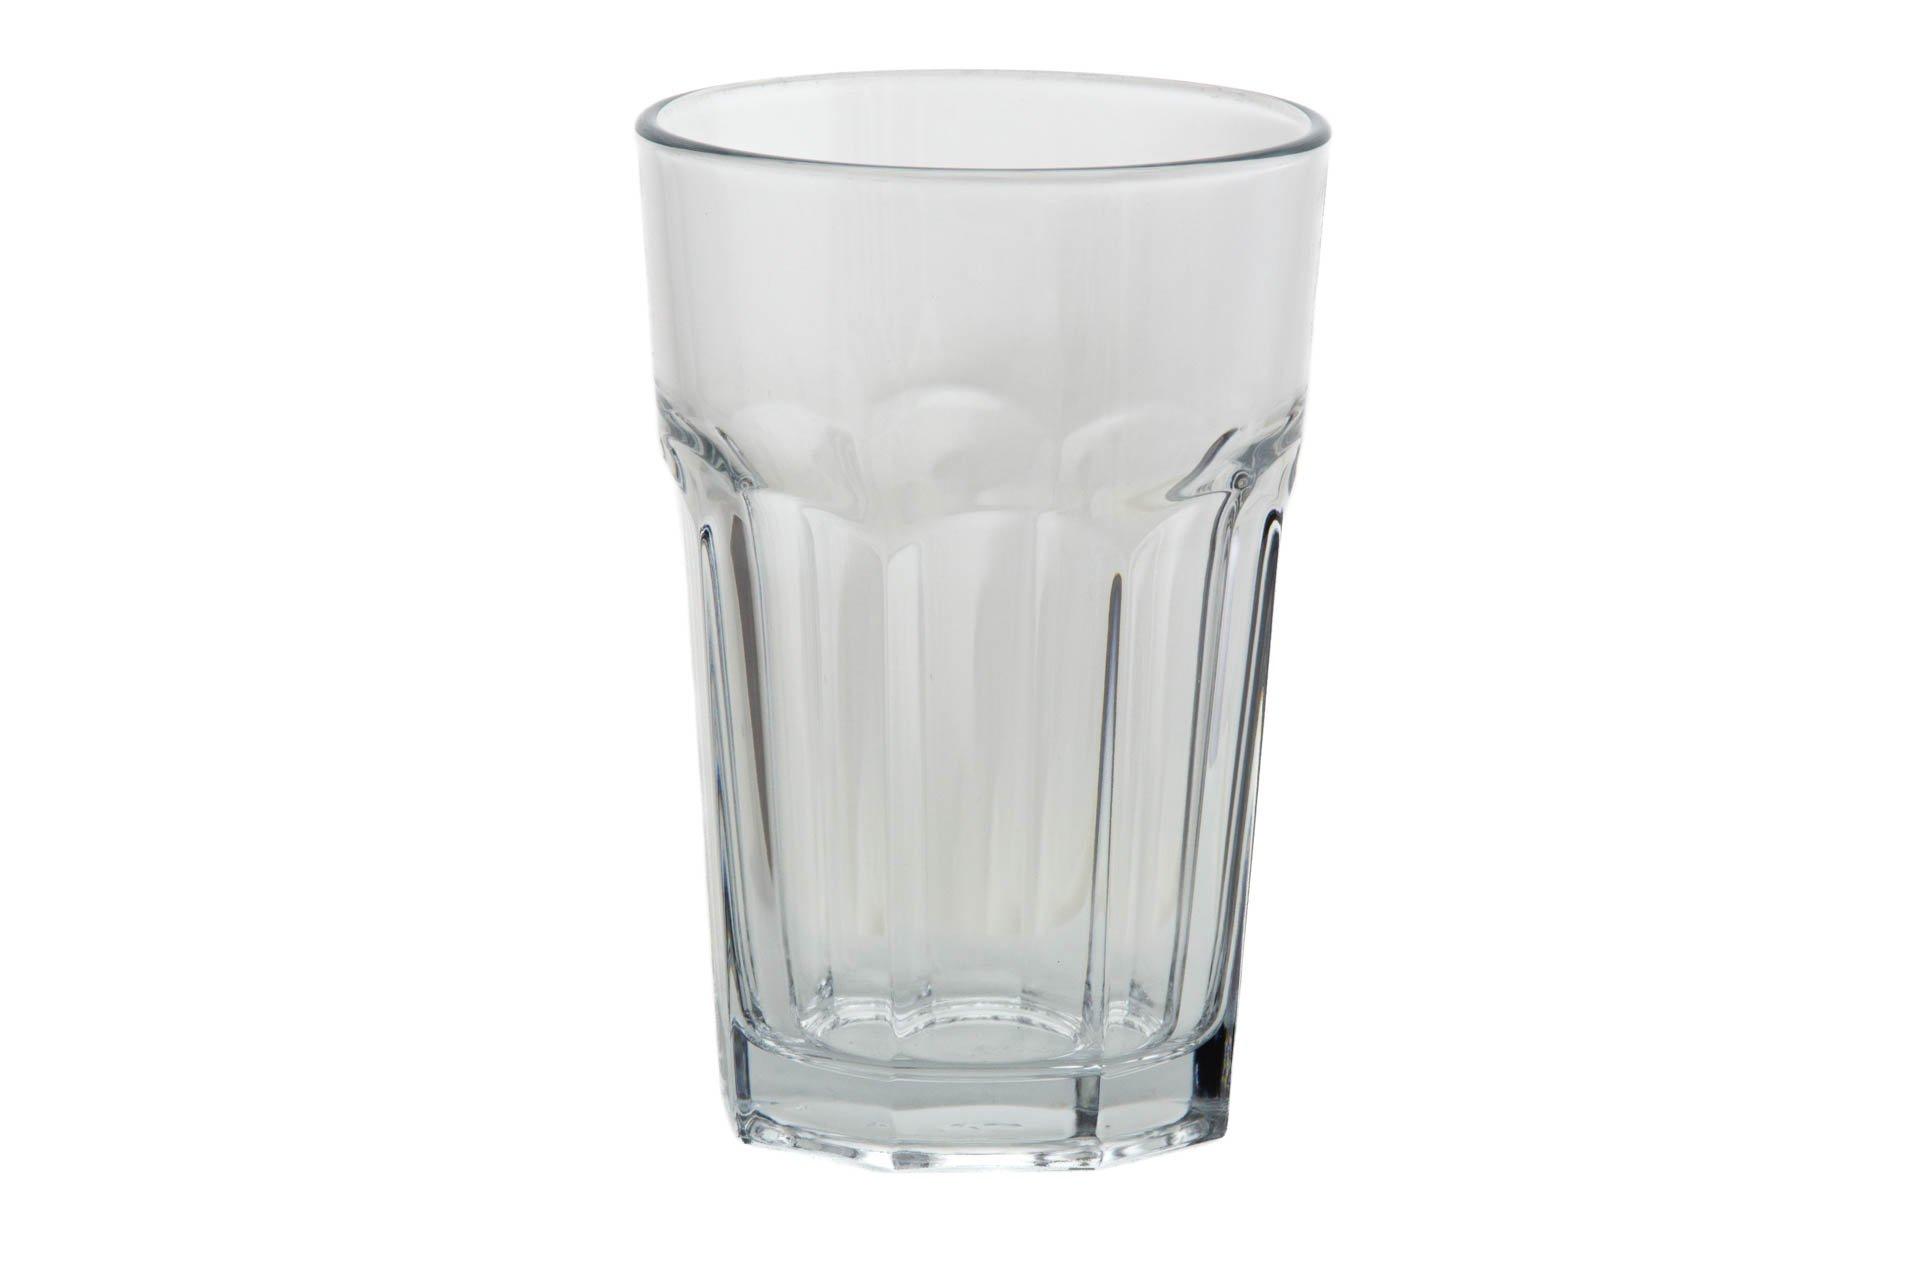 cocktailglas mit individueller gravur selbst gestaltensneg schnell noch ein. Black Bedroom Furniture Sets. Home Design Ideas